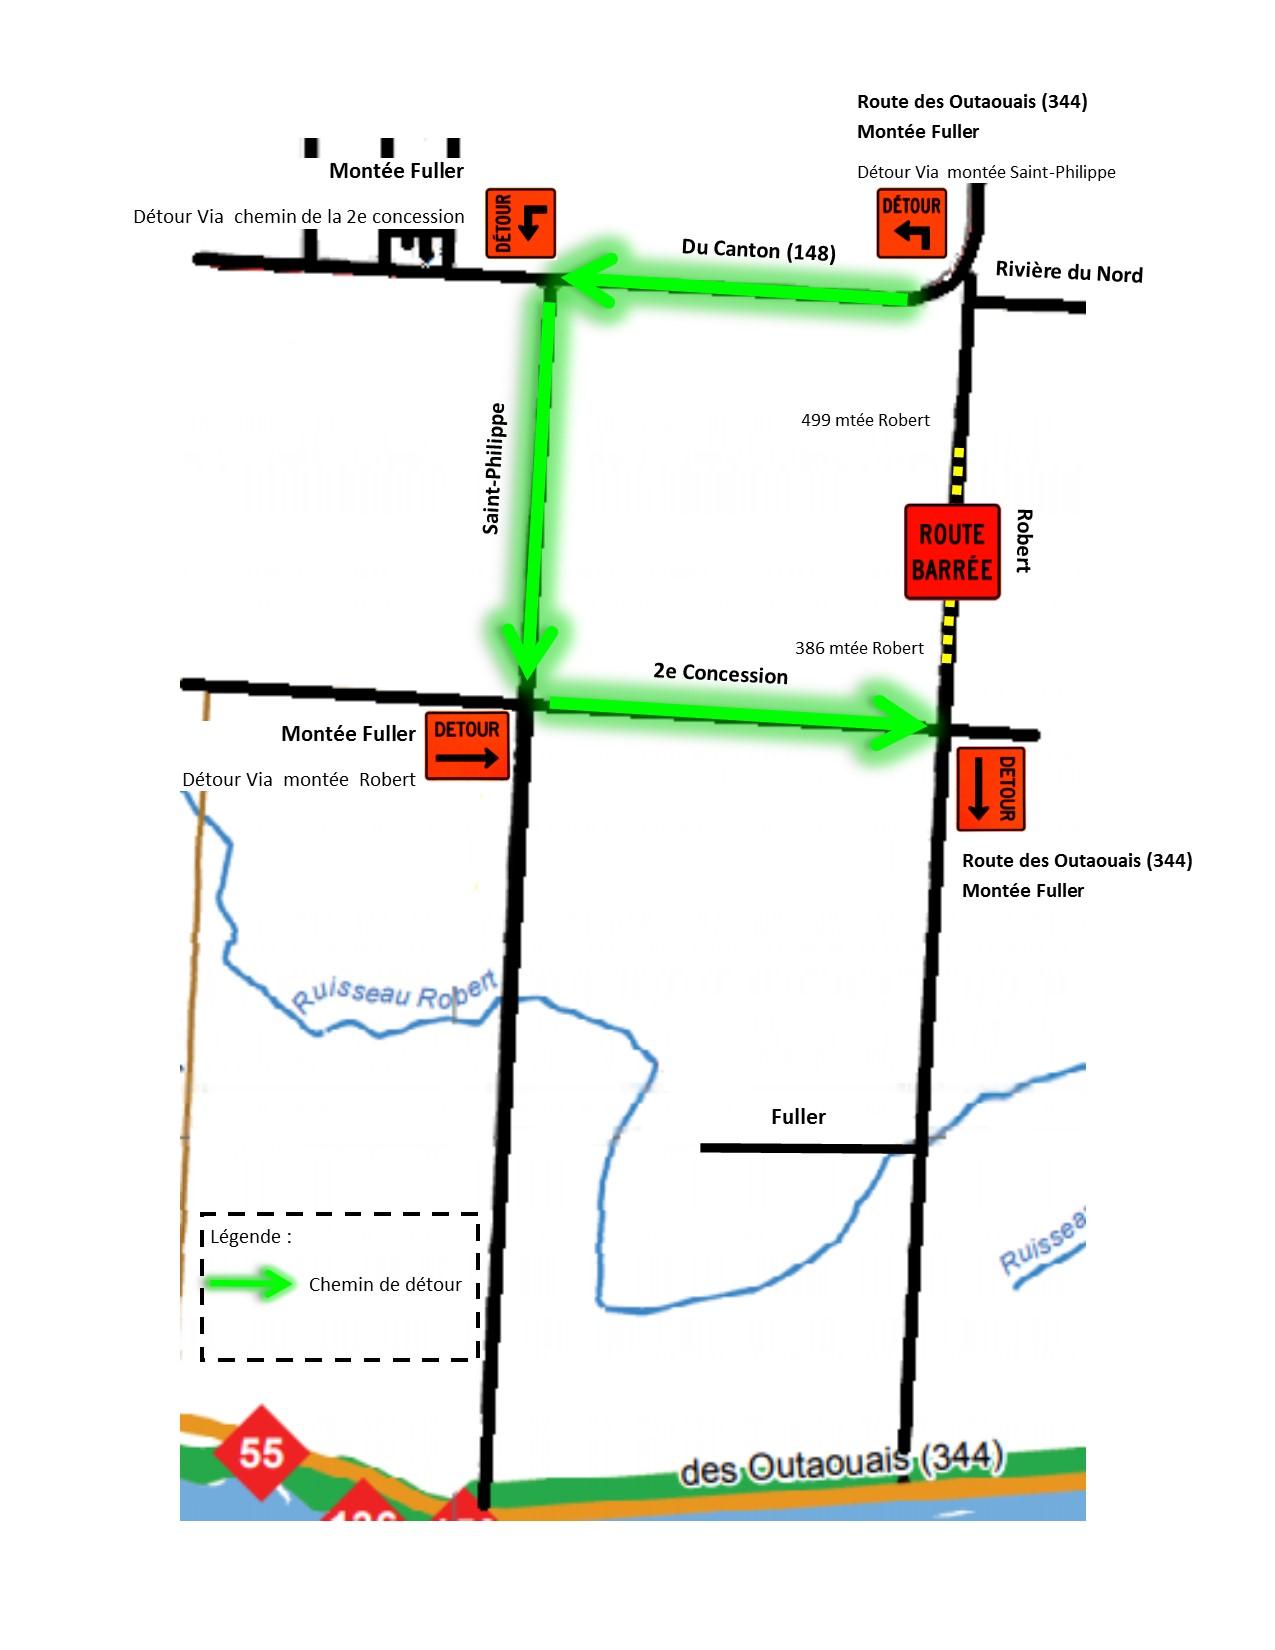 Détour pour la montée Fuller et route de Outaouais-originale